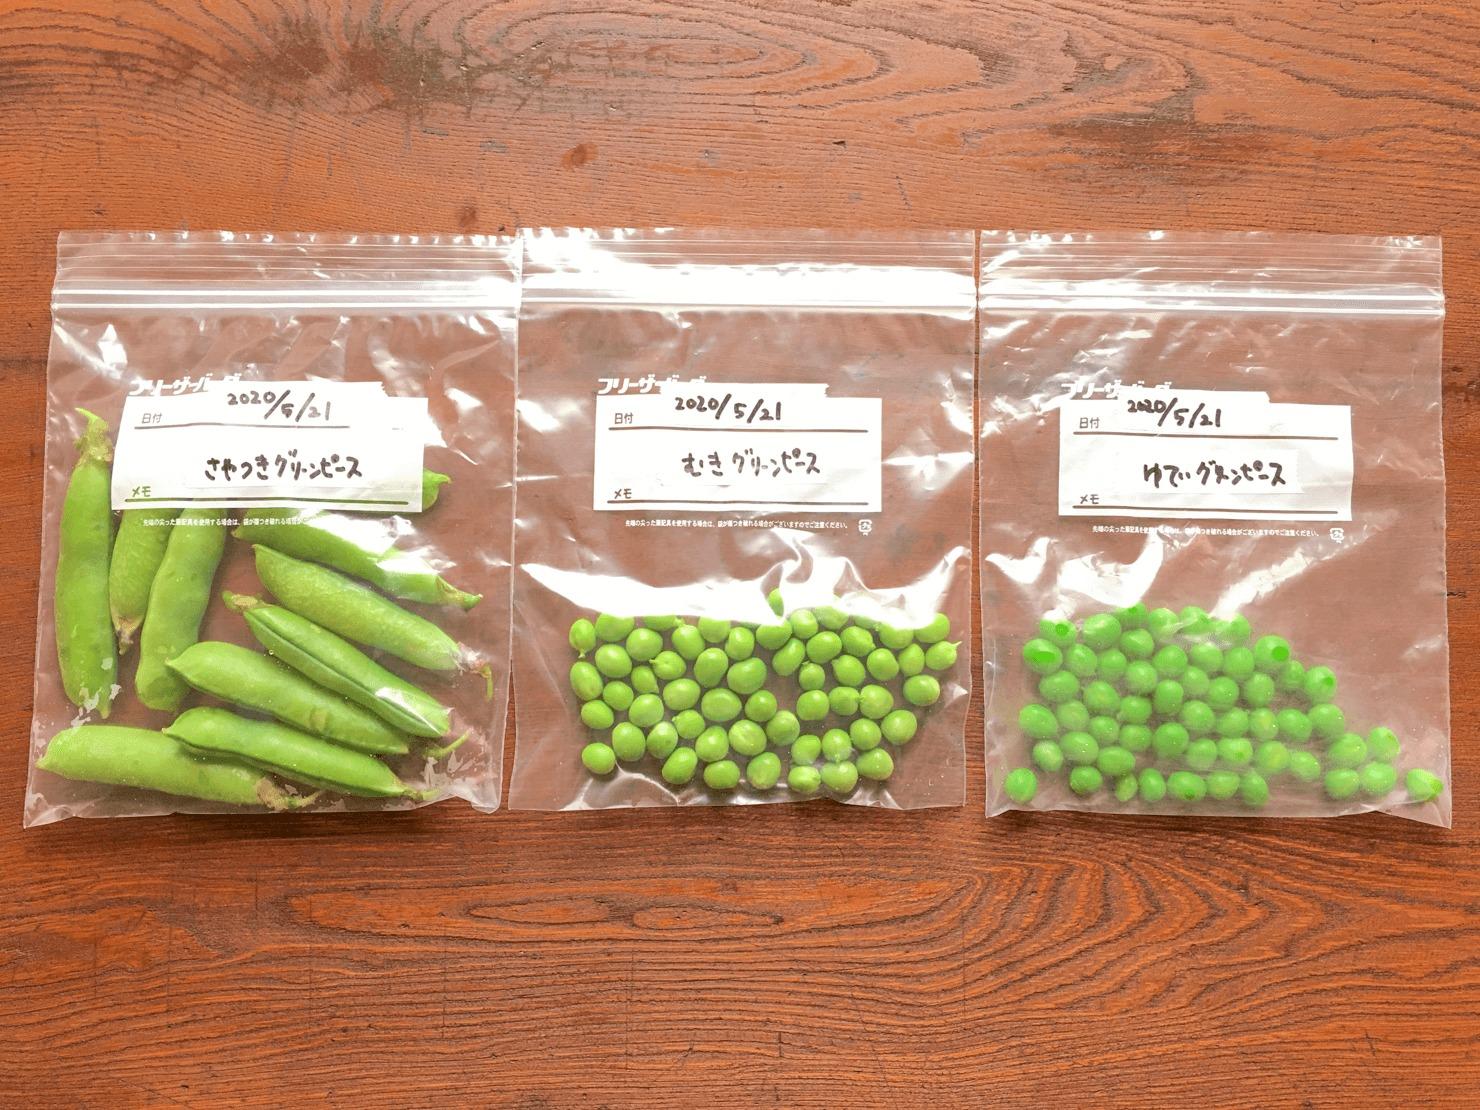 3種のグリーンピースの冷凍する直前の写真